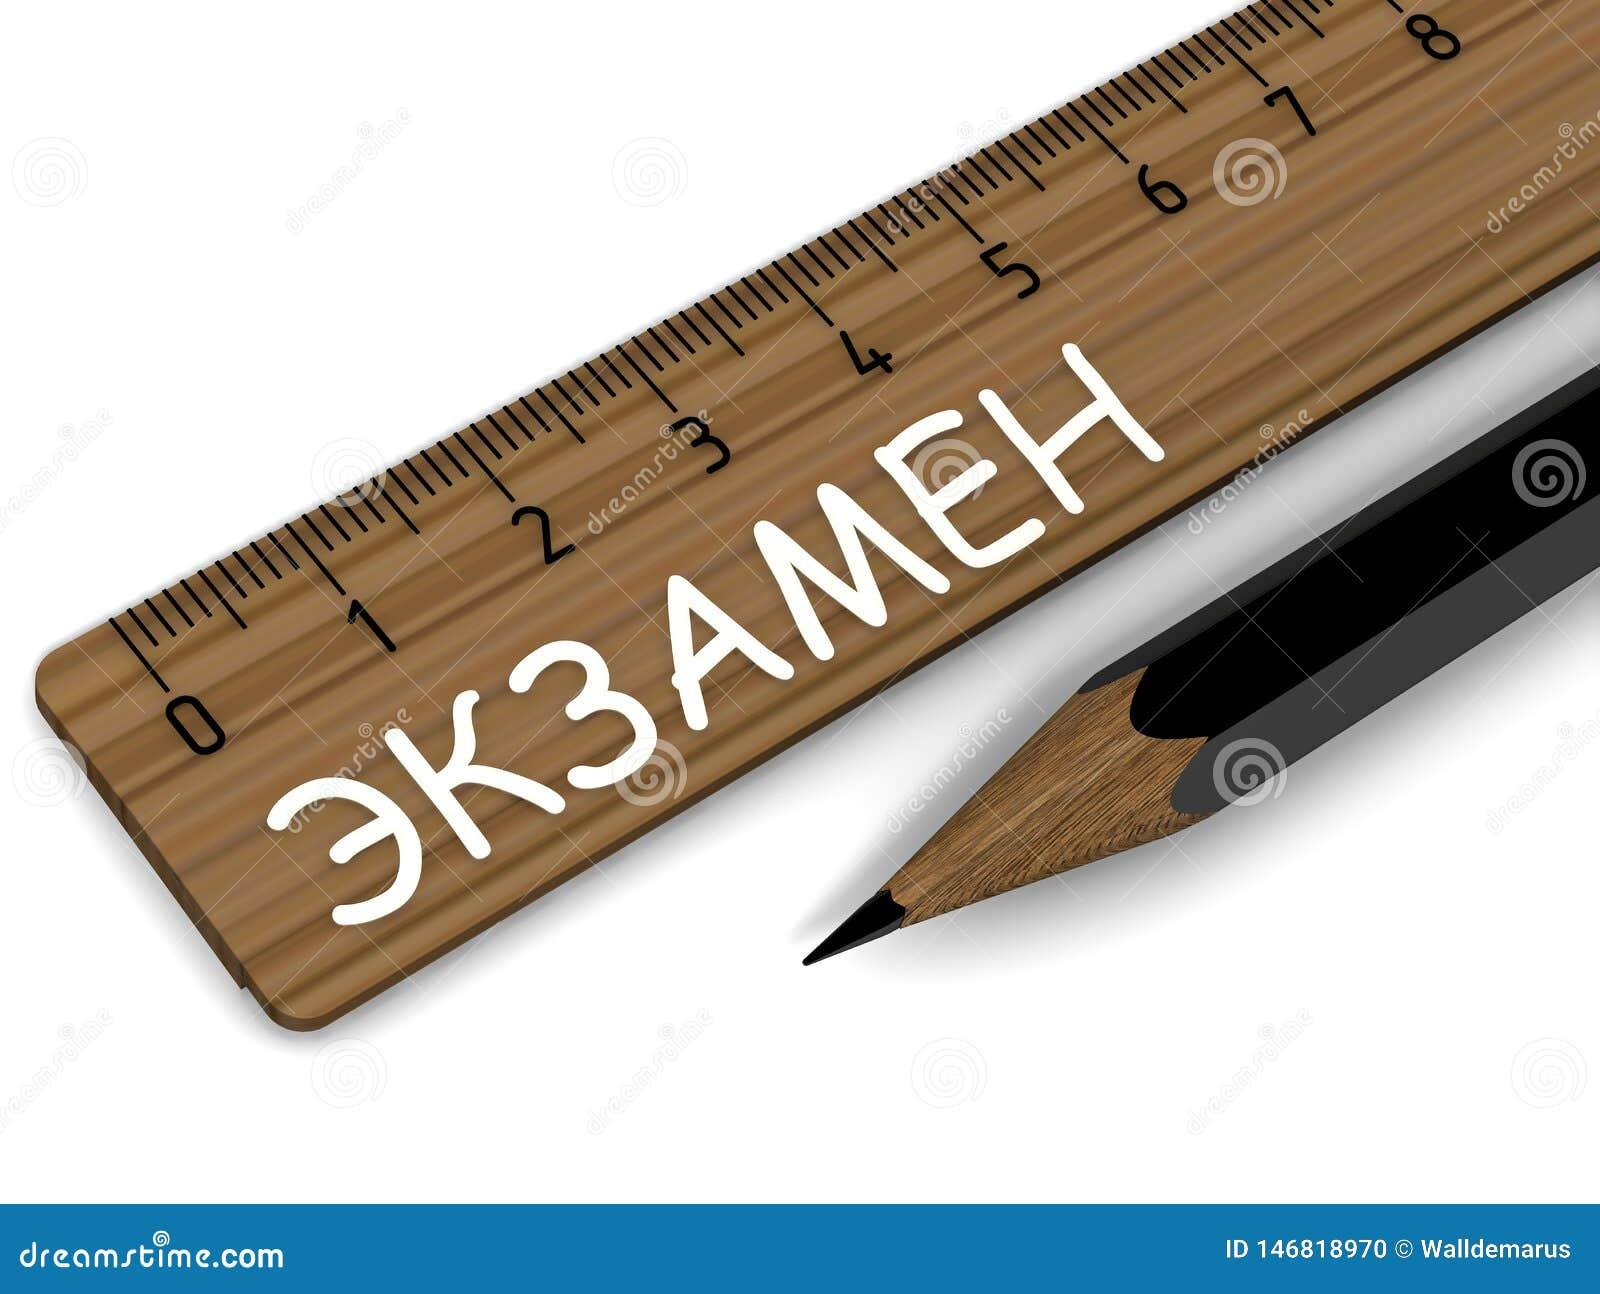 Exam Righello identificato nella lingua russa